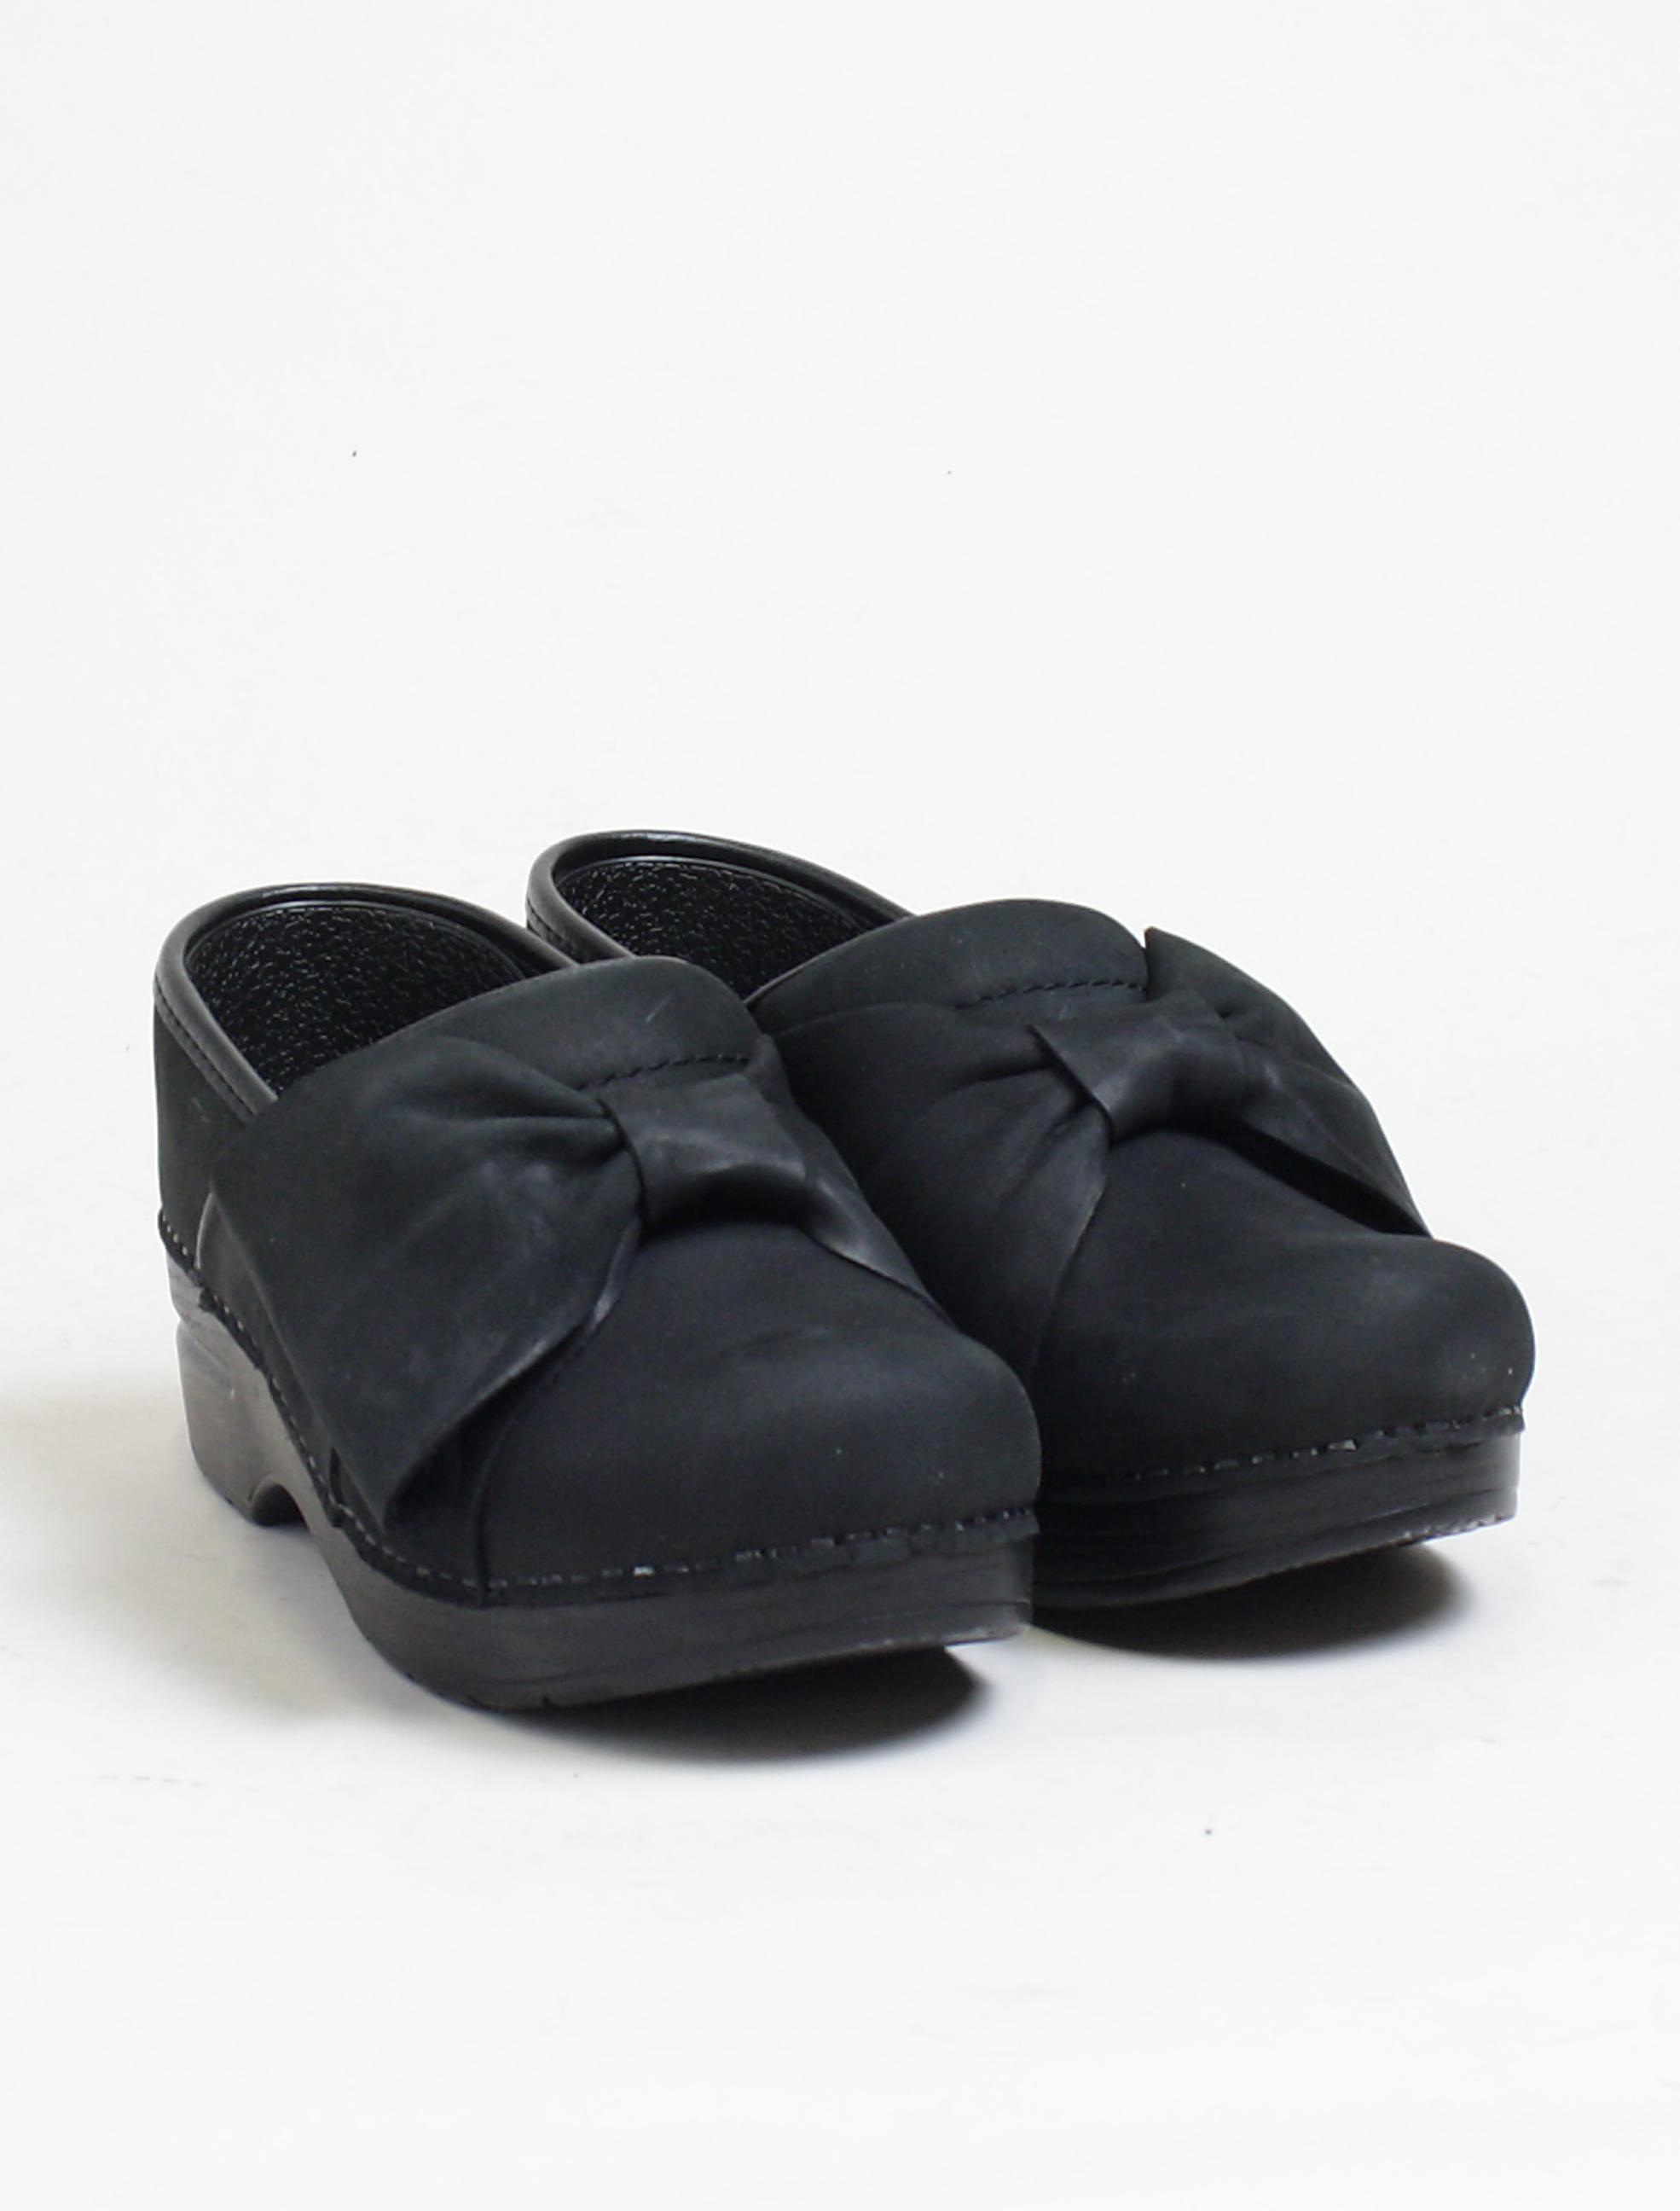 Dansko Pro Bow Black Nubuk paio